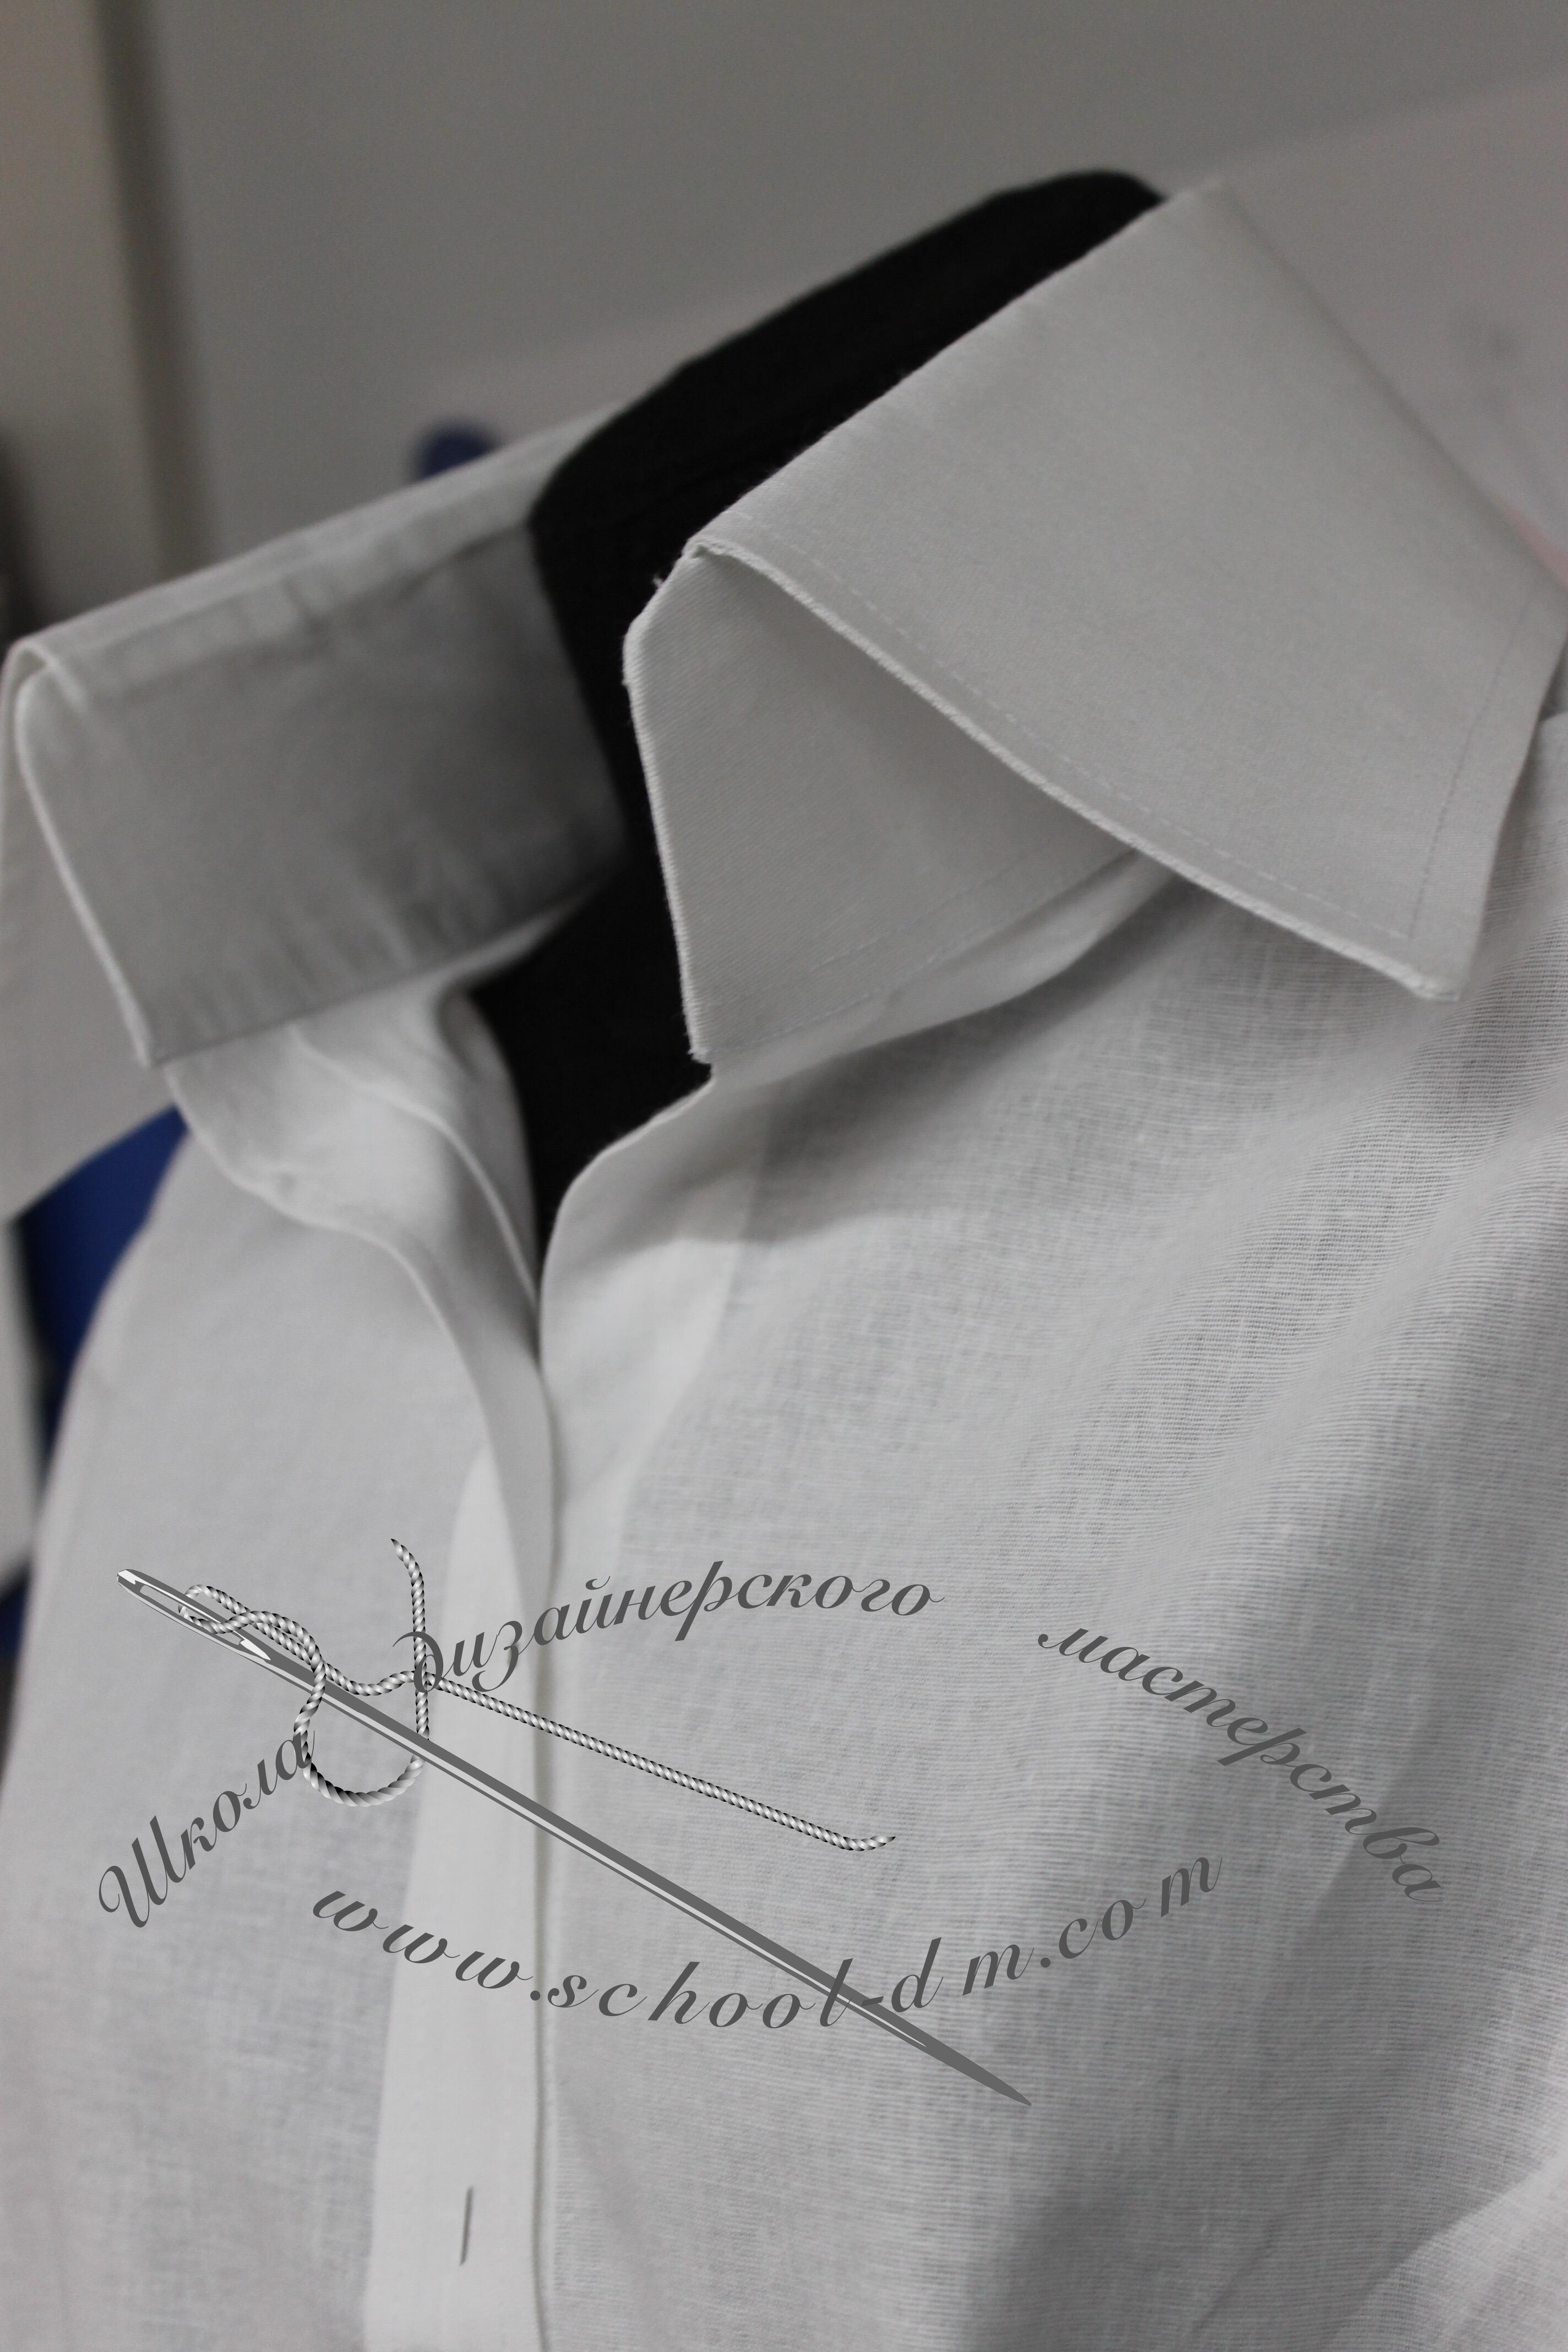 Шить рубашку, шить блузку, шить воротник, супатная застёжка, потайная застёжка, Школа дизайнерского мастерства